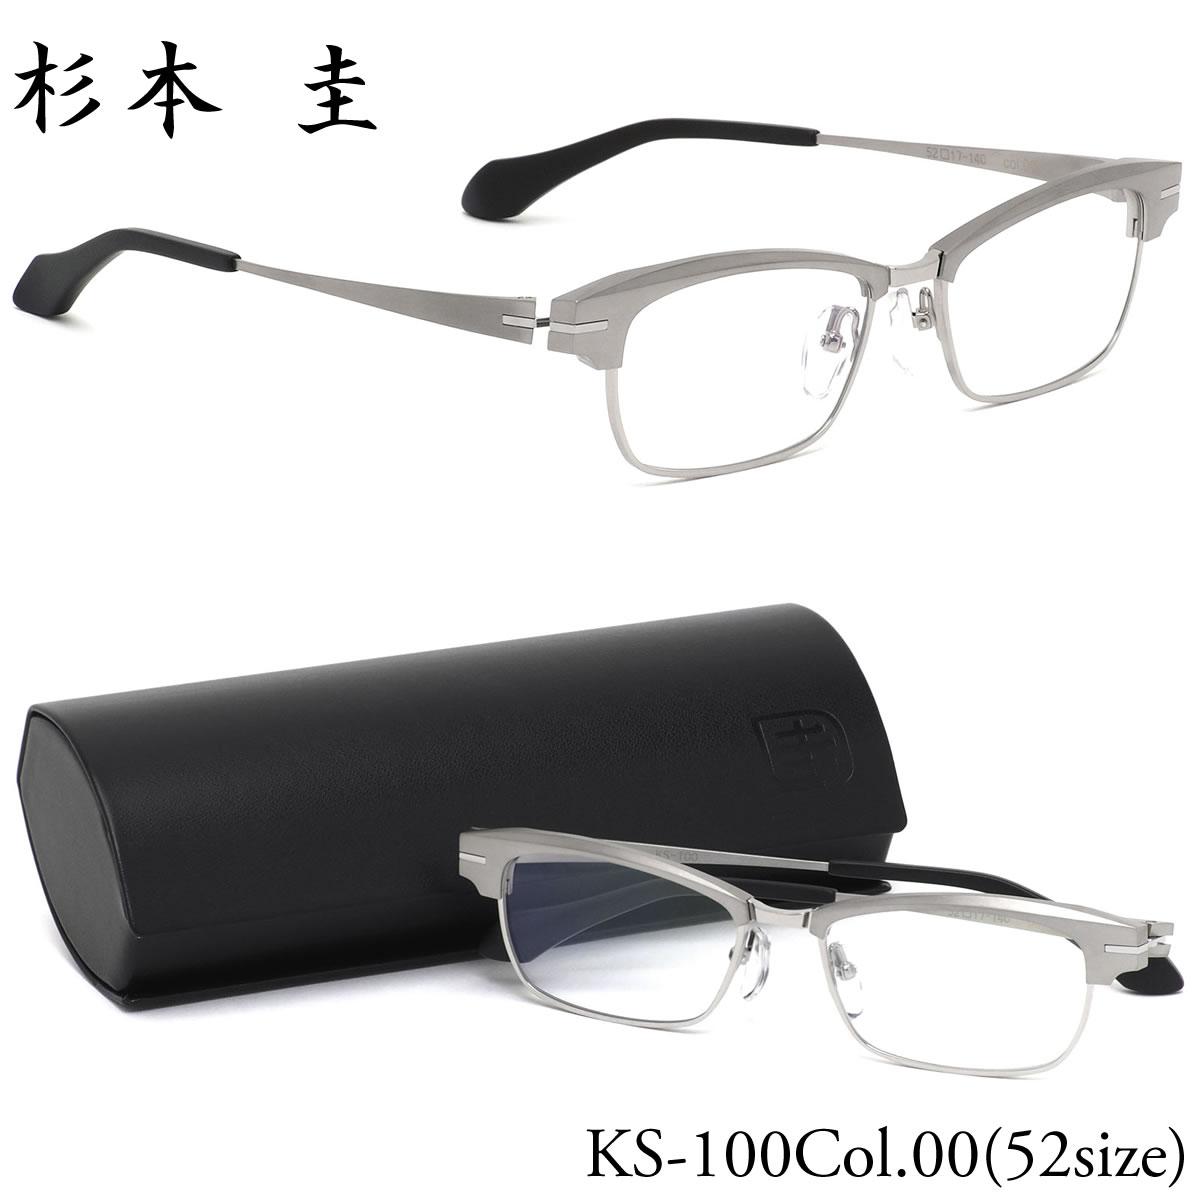 【10月30日からエントリーで全品ポイント20倍】スギモトケイ 杉本圭 メガネKS-100 00 52サイズSUGIMOTO KEI 100品番目記念モデル 日本製 福井メンズ